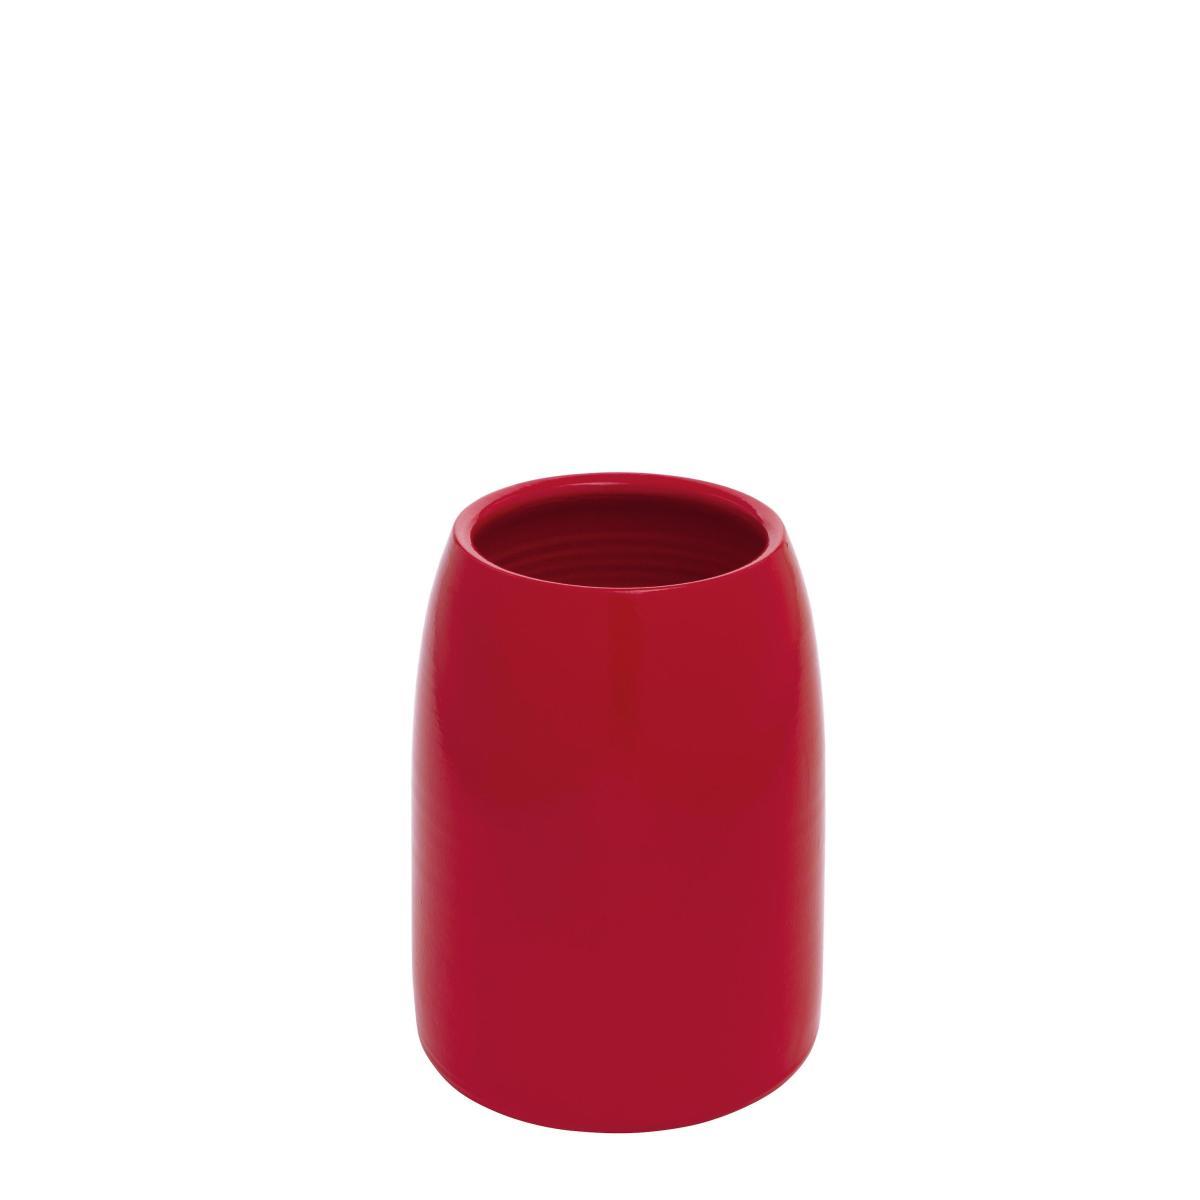 CARLA Vase Terrakotta klein tomatenrot (poppy)